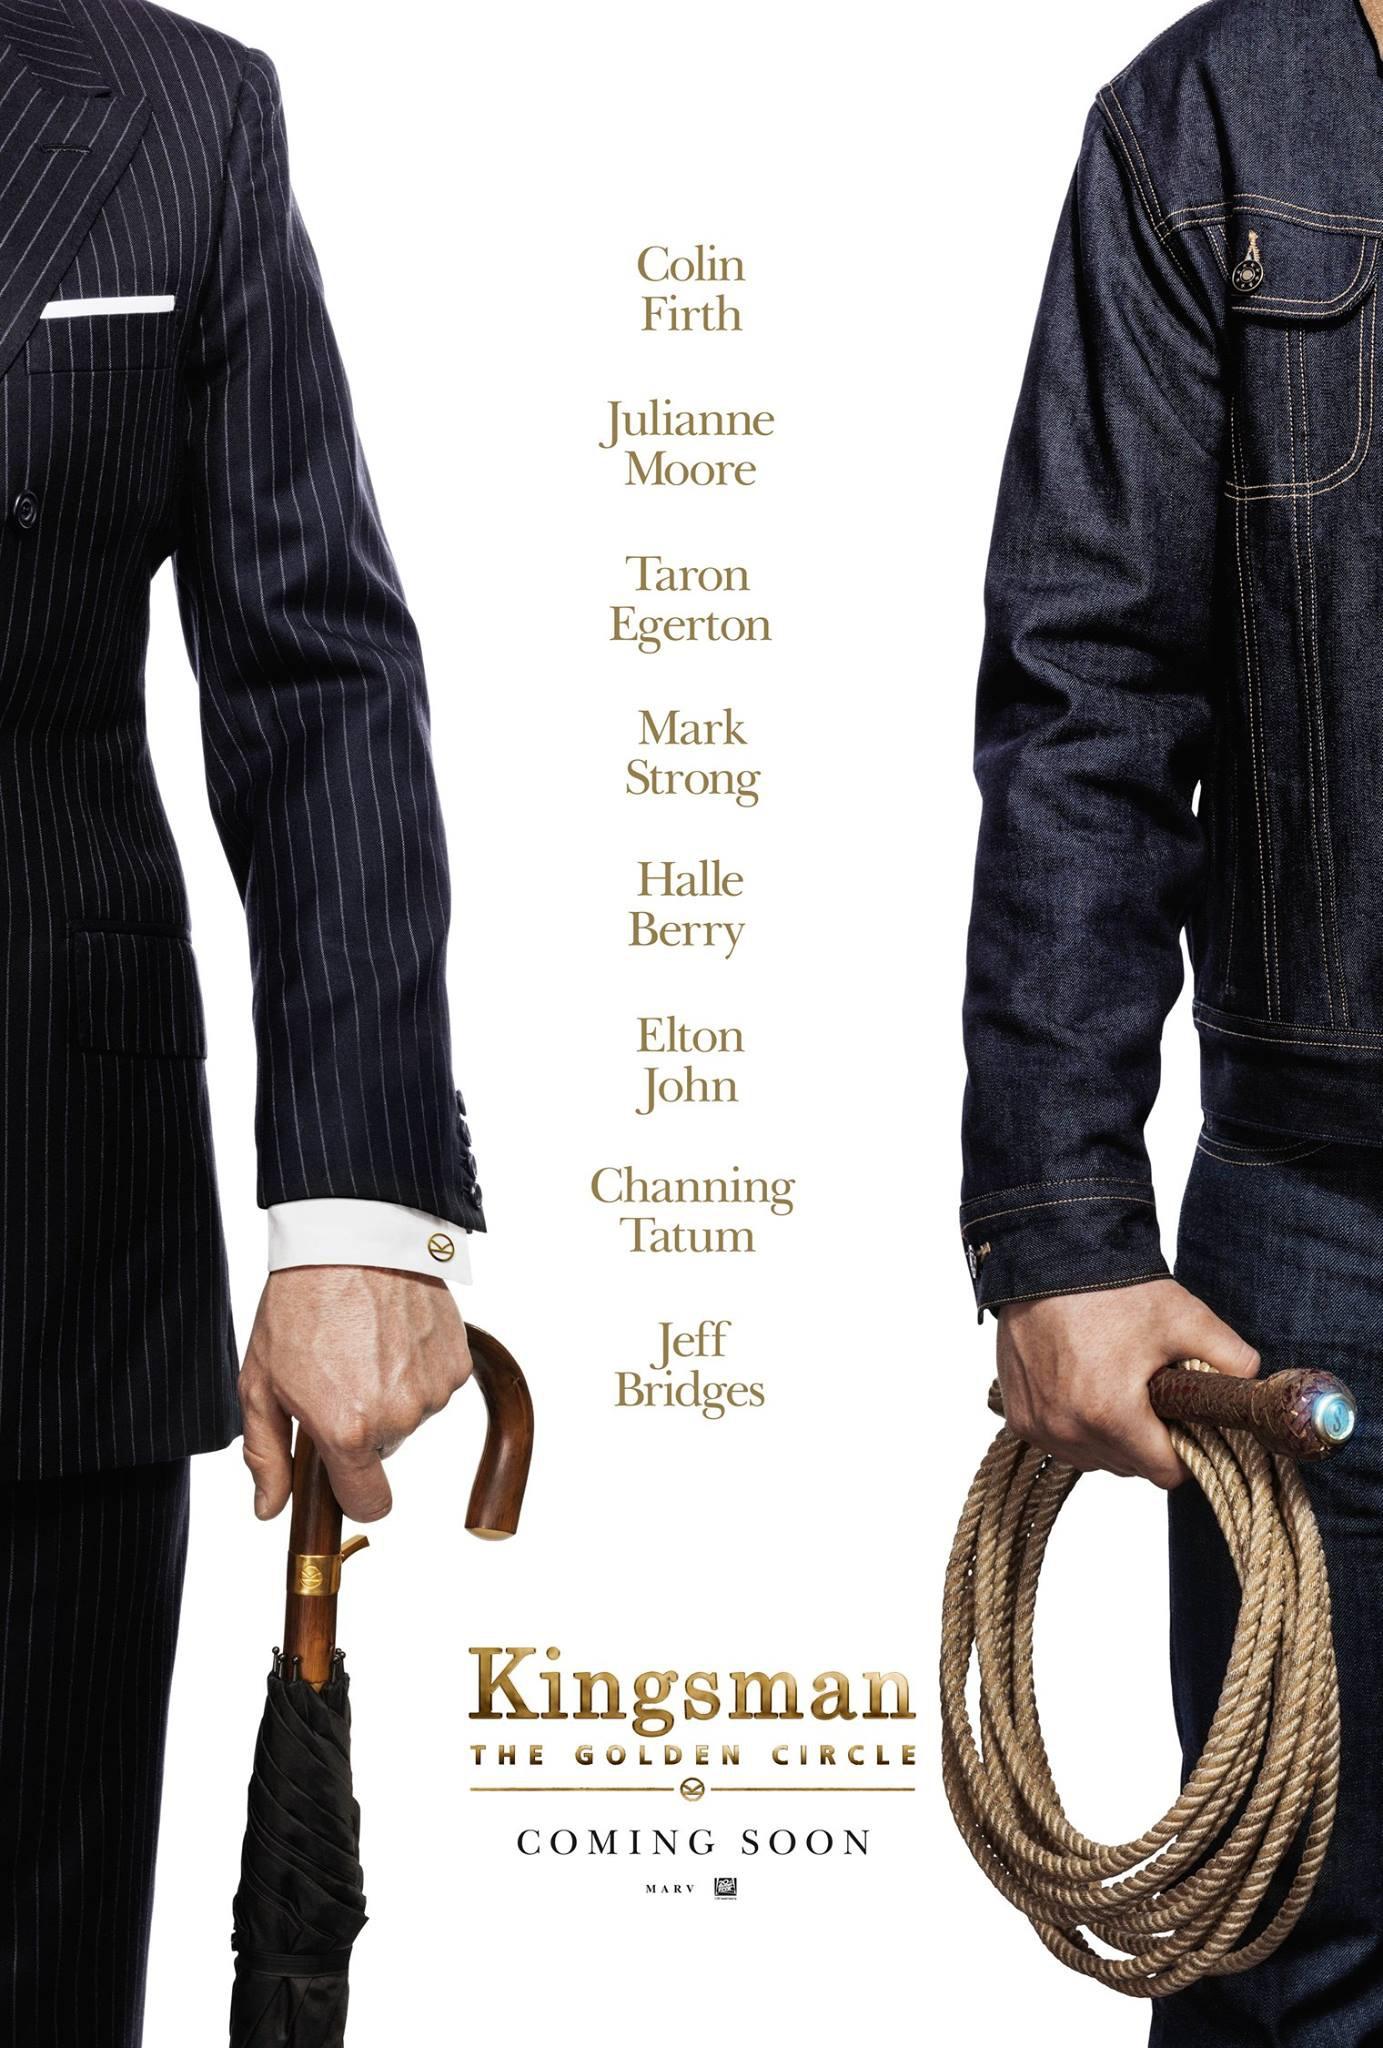 kingsman2_p5.png